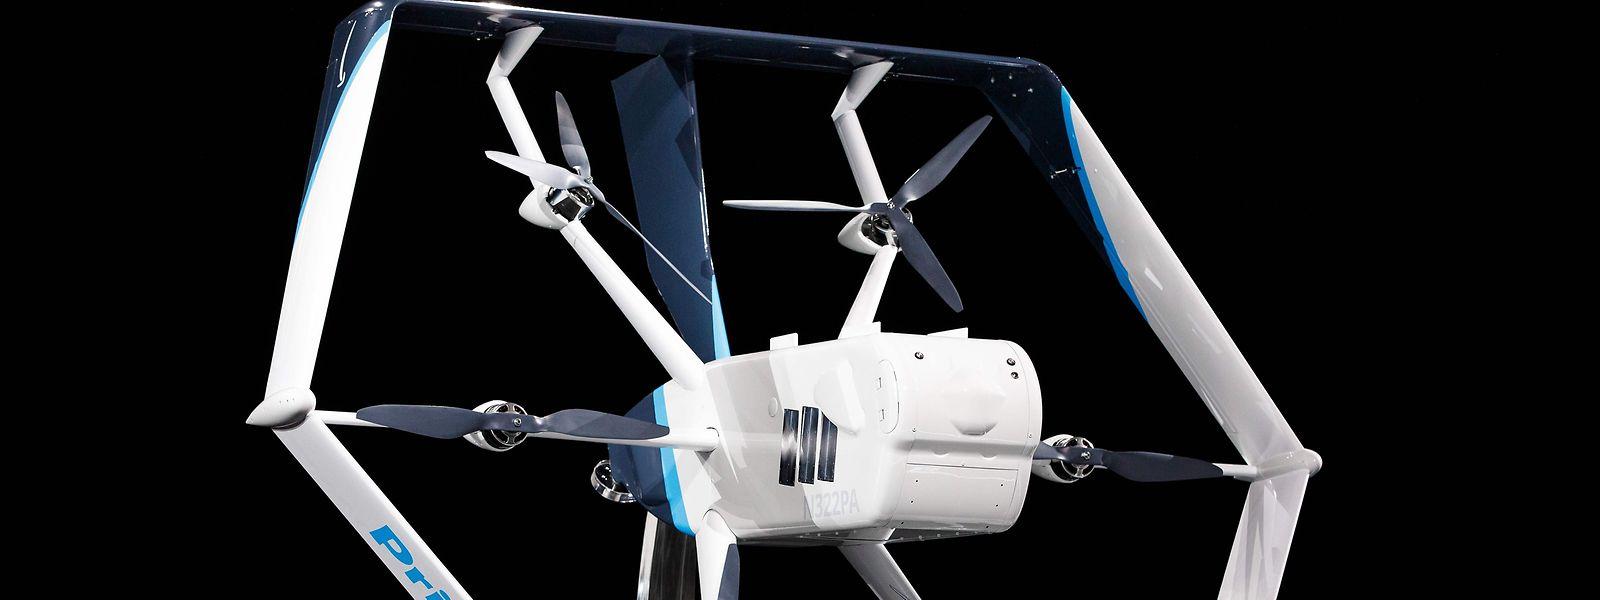 Das jetzt vorgeführte Gerät kann gut 24 Kilometer weit fliegen und bis zu 2,3 Kilogramm schwere Pakete innerhalb von 30 Minuten zustellen.